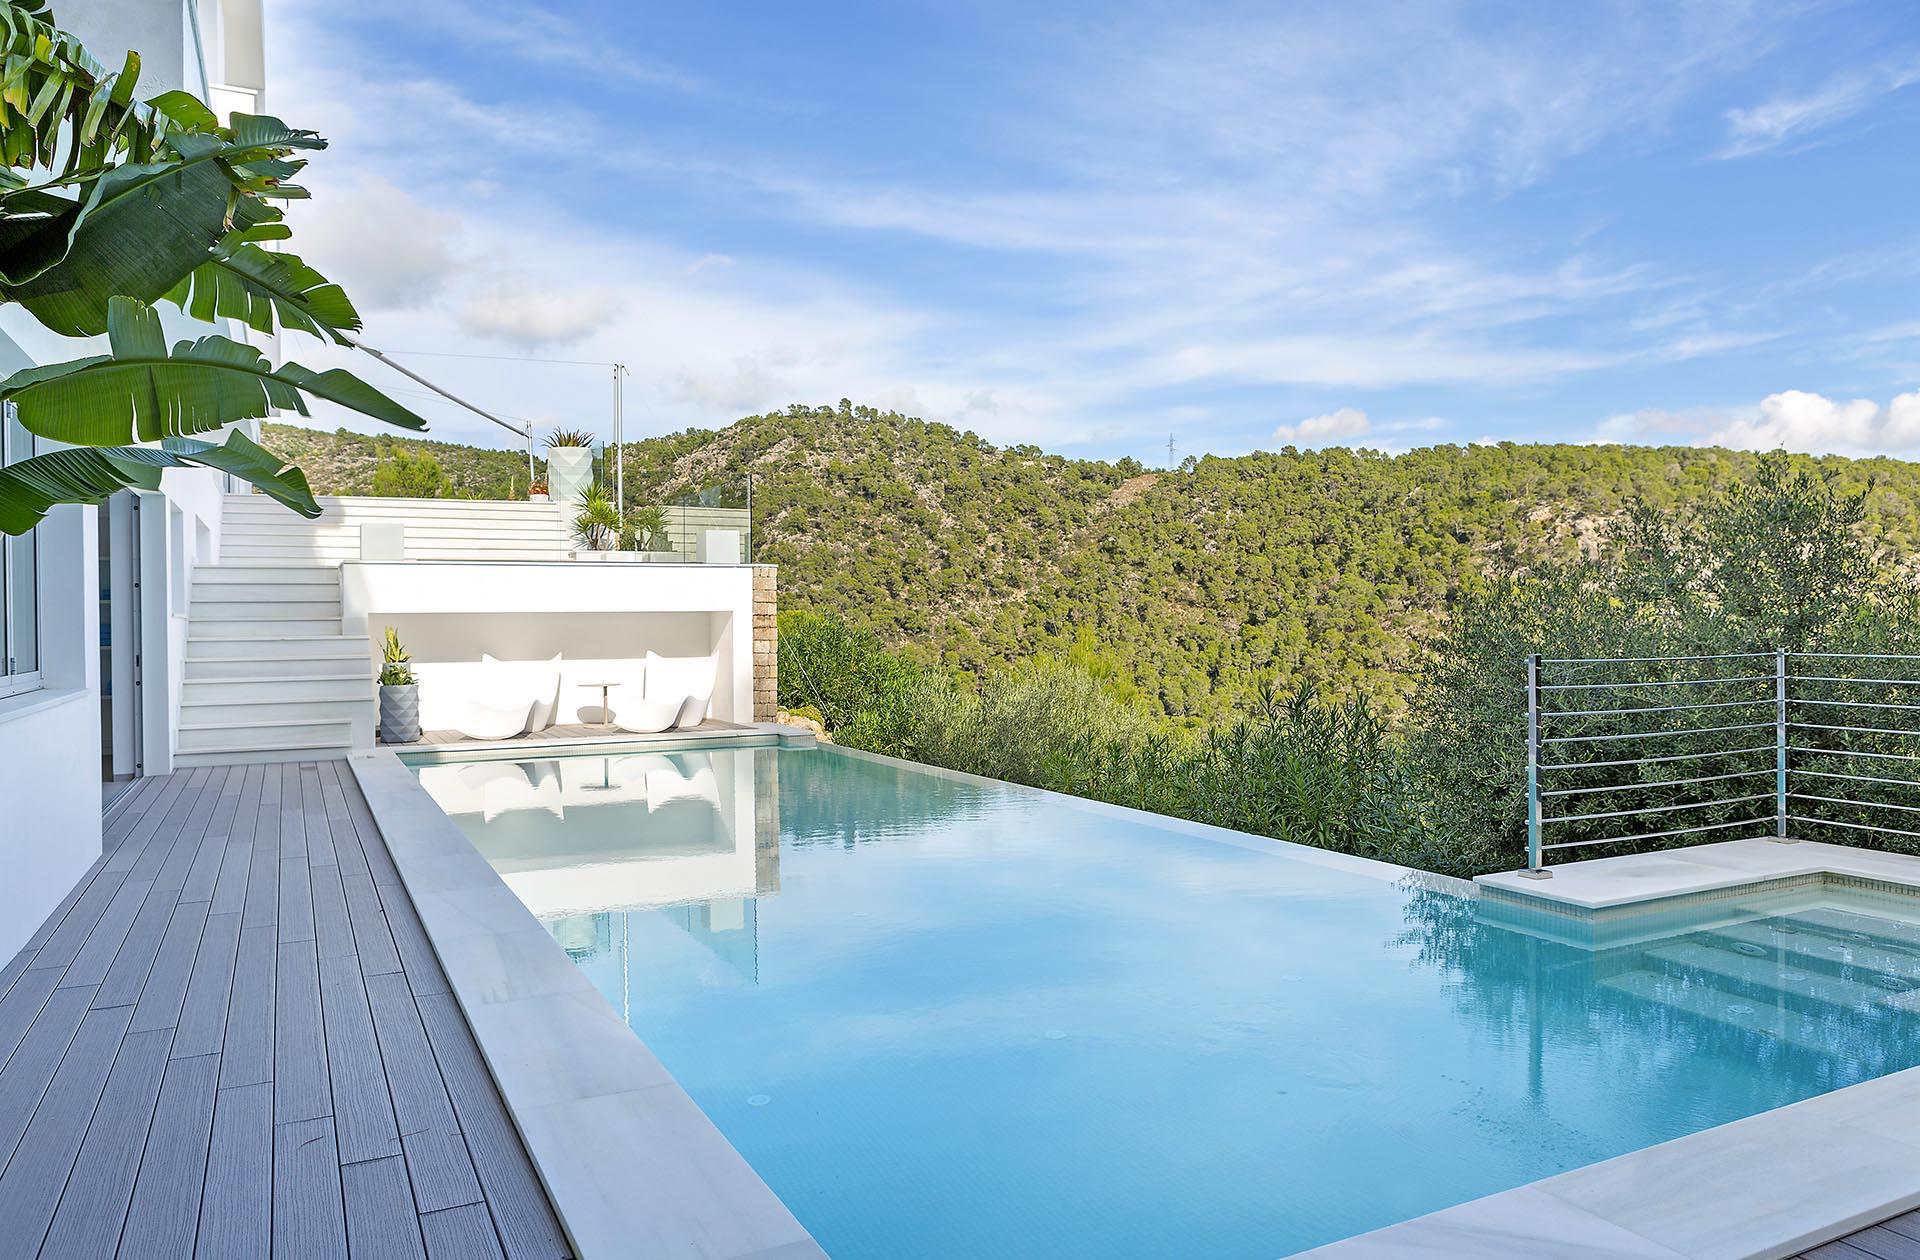 Traumhafte moderne Villa in Costa den Blanes - Großer Überlaufpool